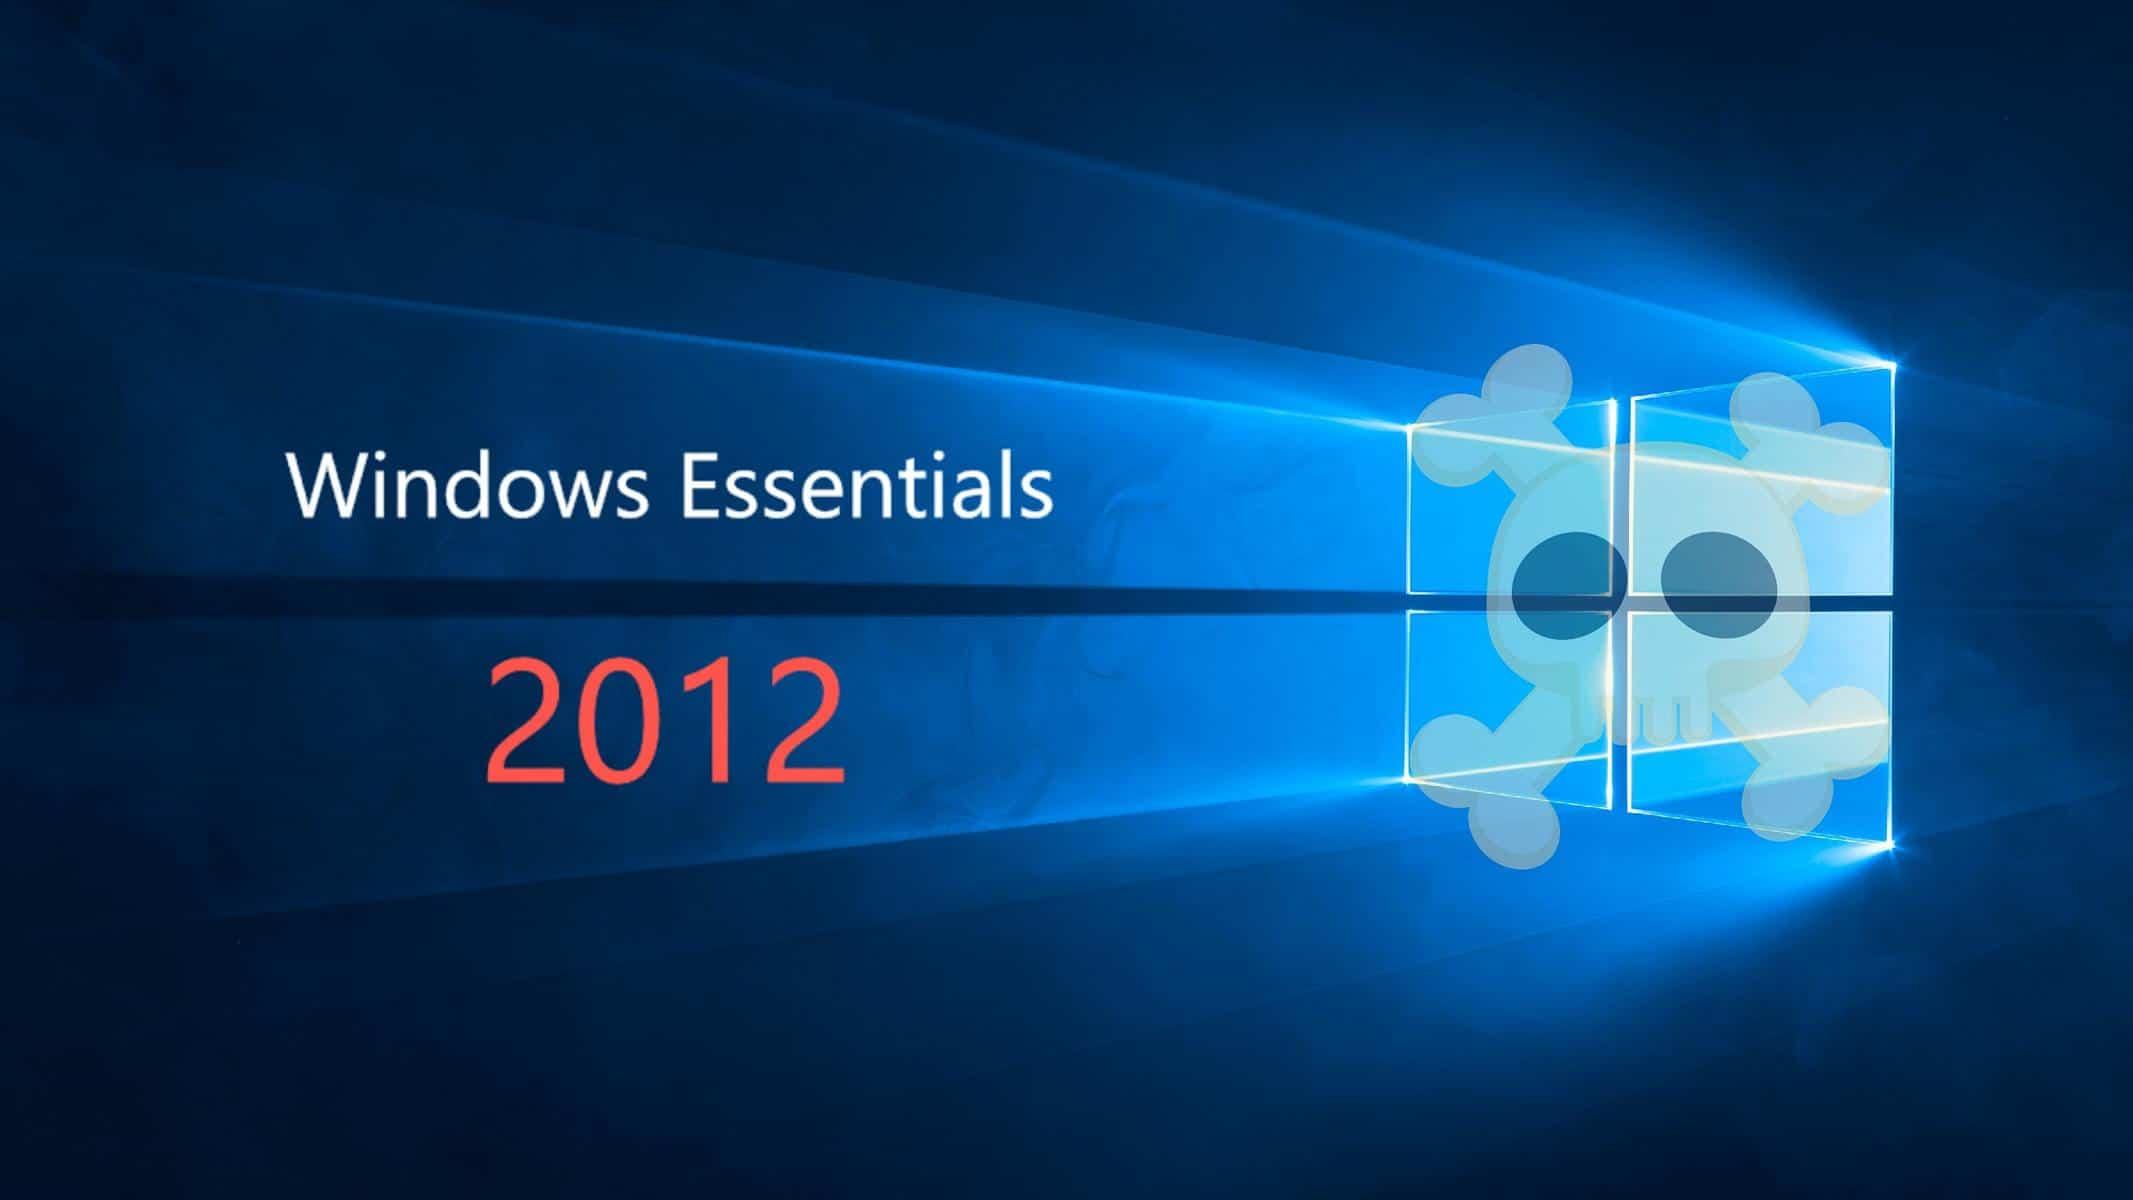 Windows essentials 2012 fotogalerie